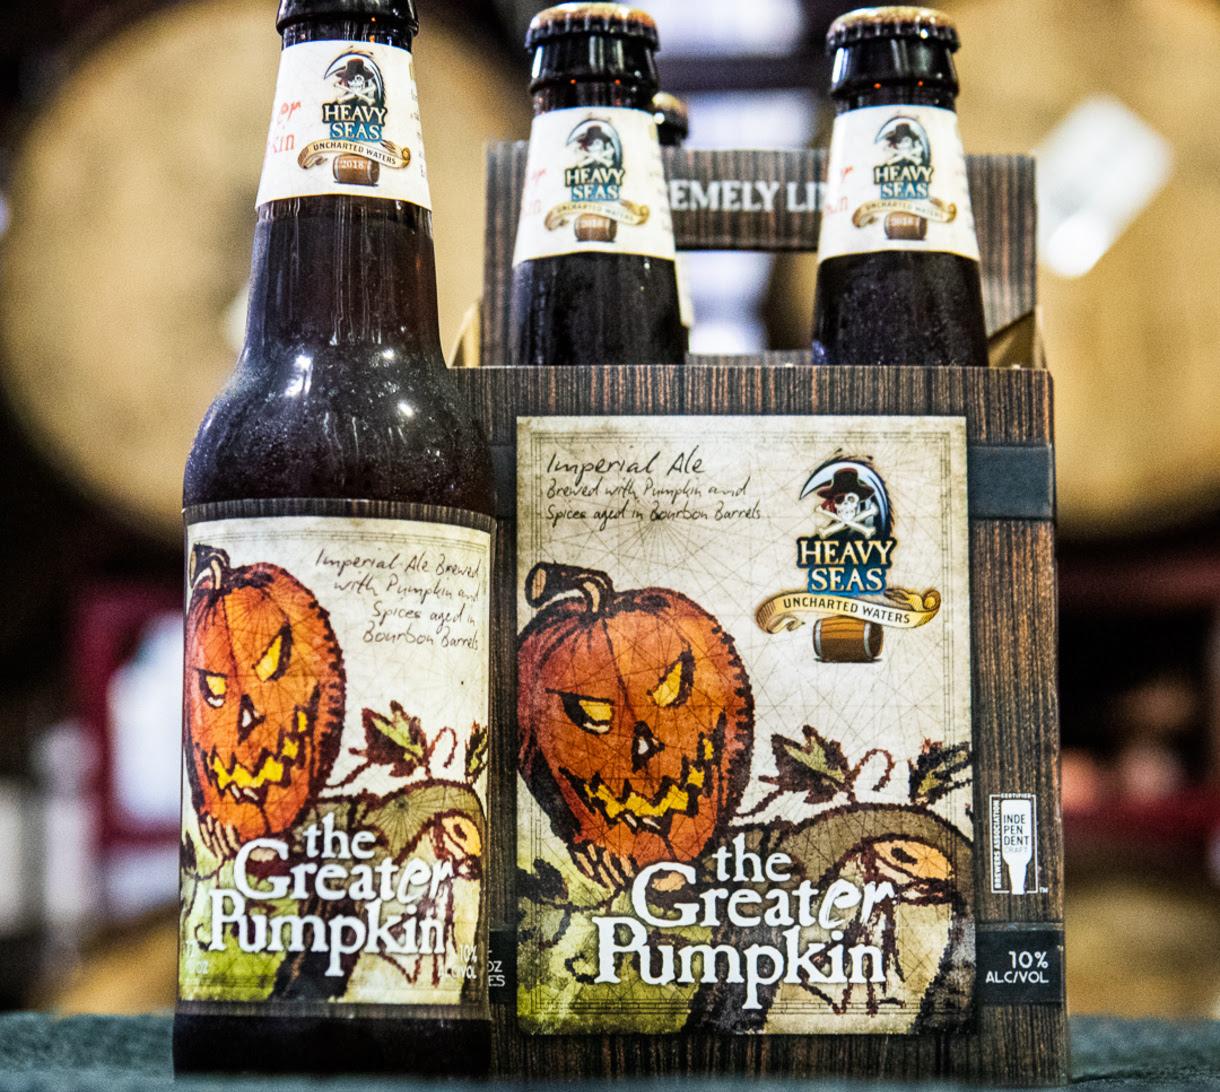 Heavy Seas Greater Pumpkin Ale